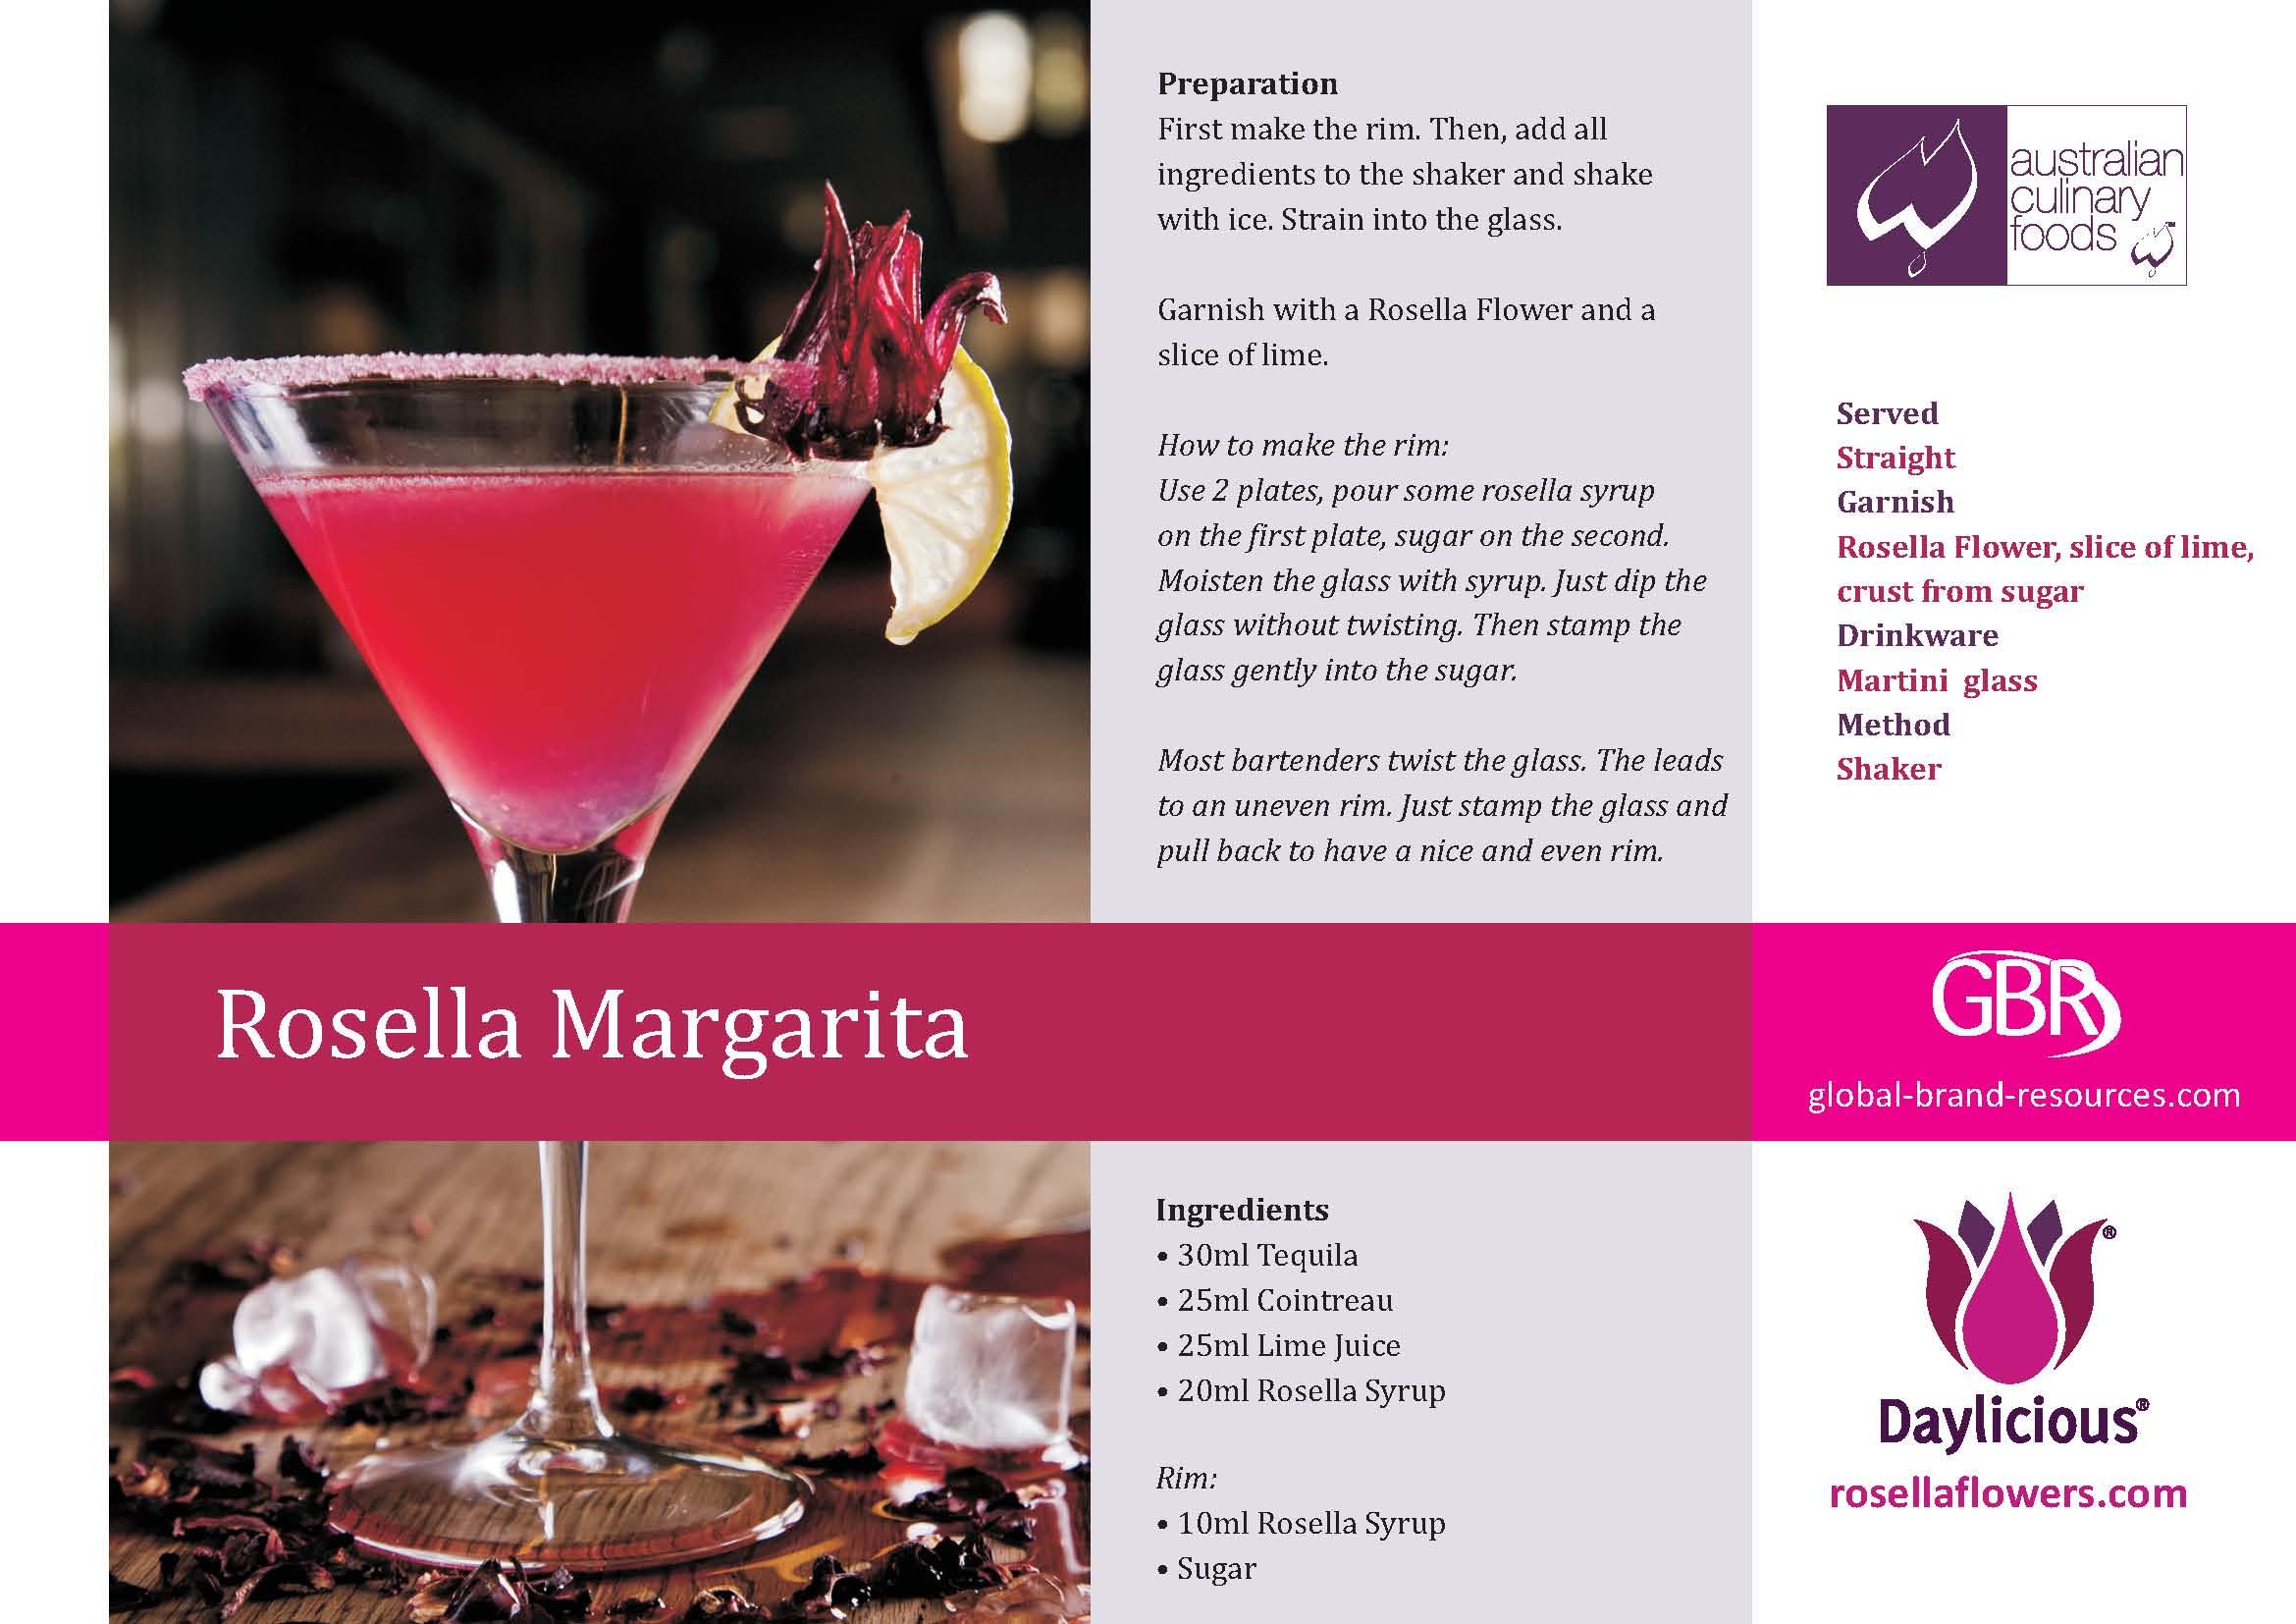 Rosella Margarita